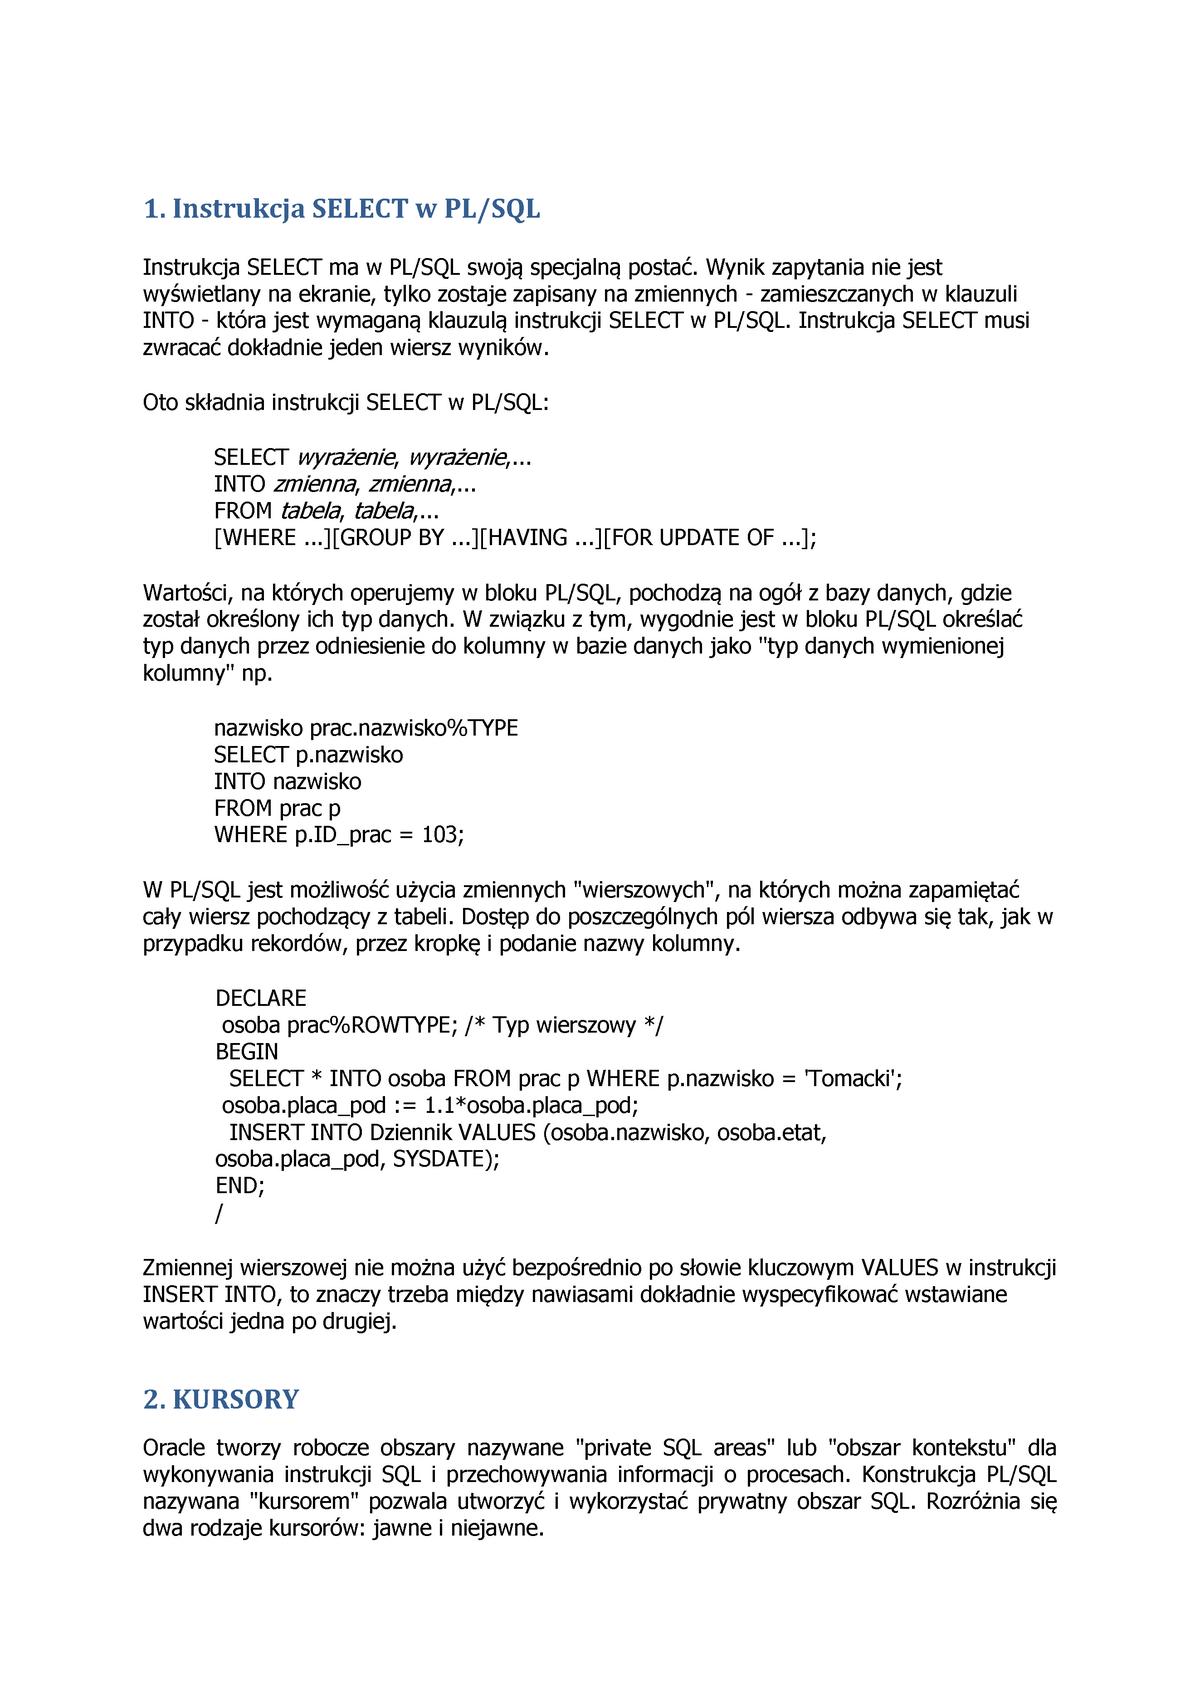 Z9 Plsql Kursory Streszczenie Bazy Danych I K Po Studocu